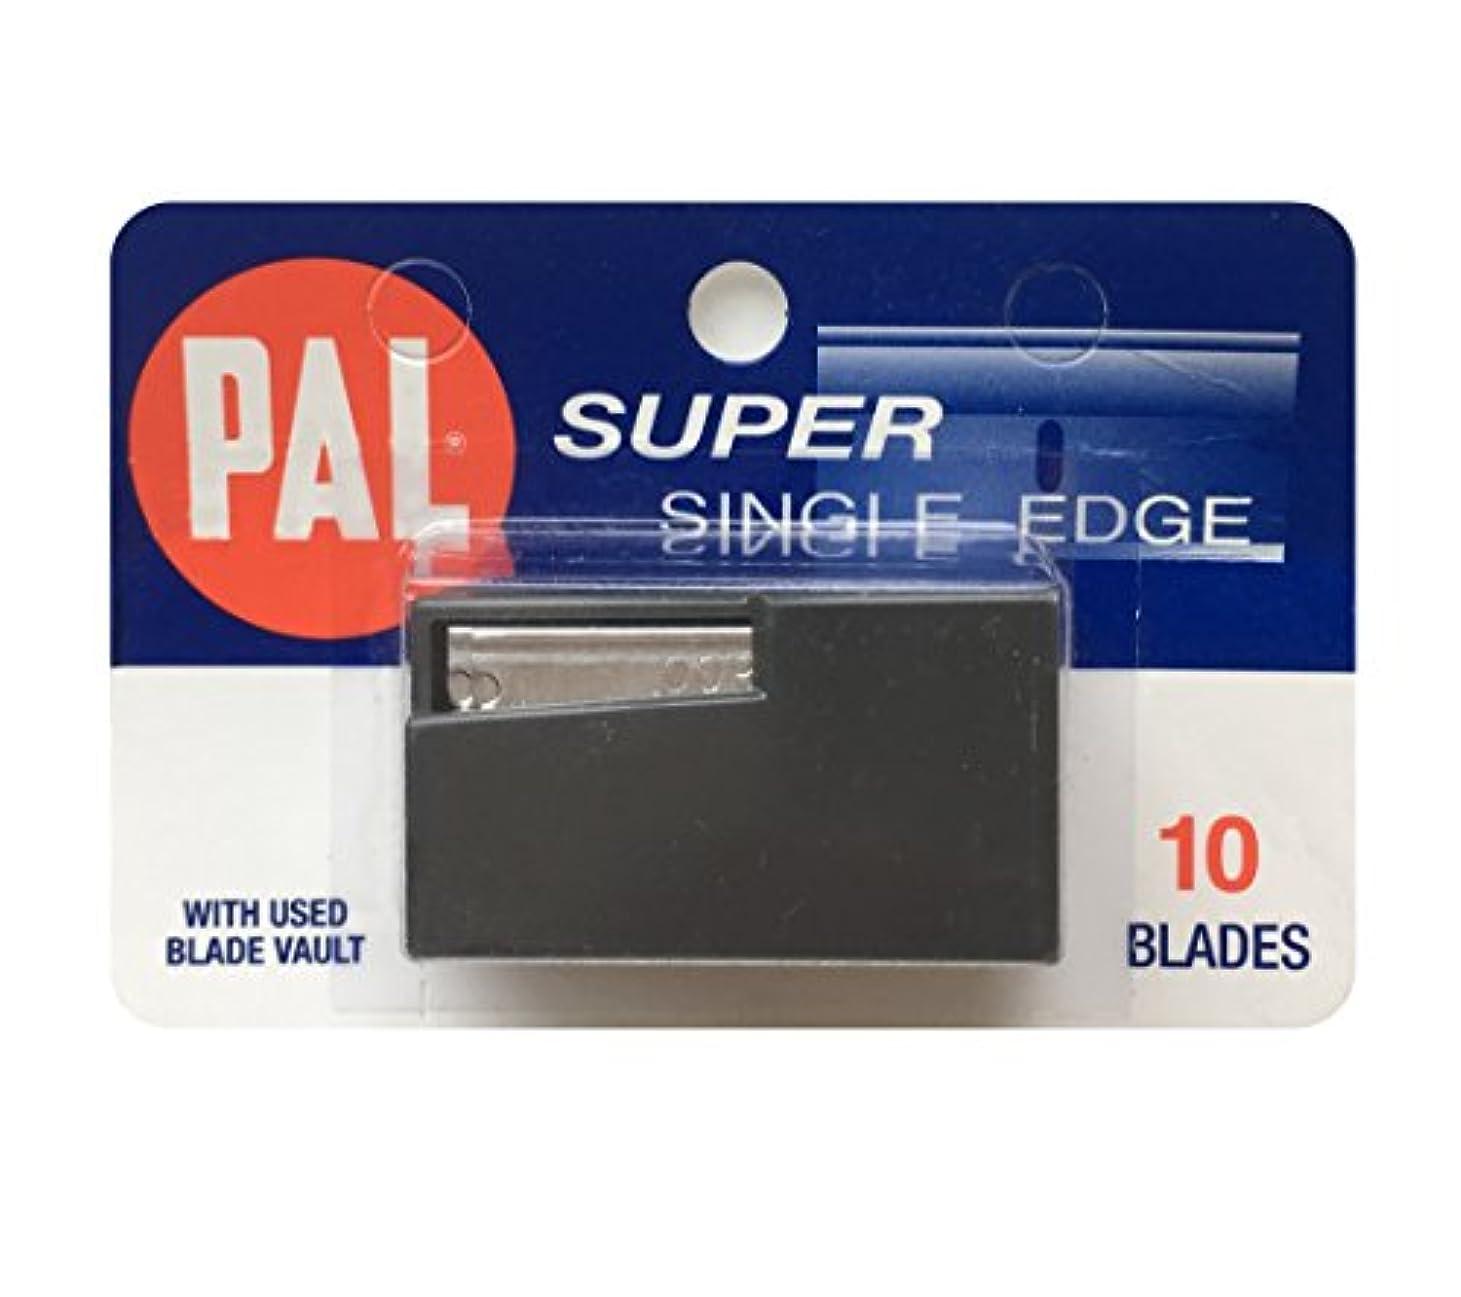 プレーヤー尽きる宿泊PAL SUPER (パル スーパー)シングルエッジ 片刃替刃 10枚入り [並行輸入品]